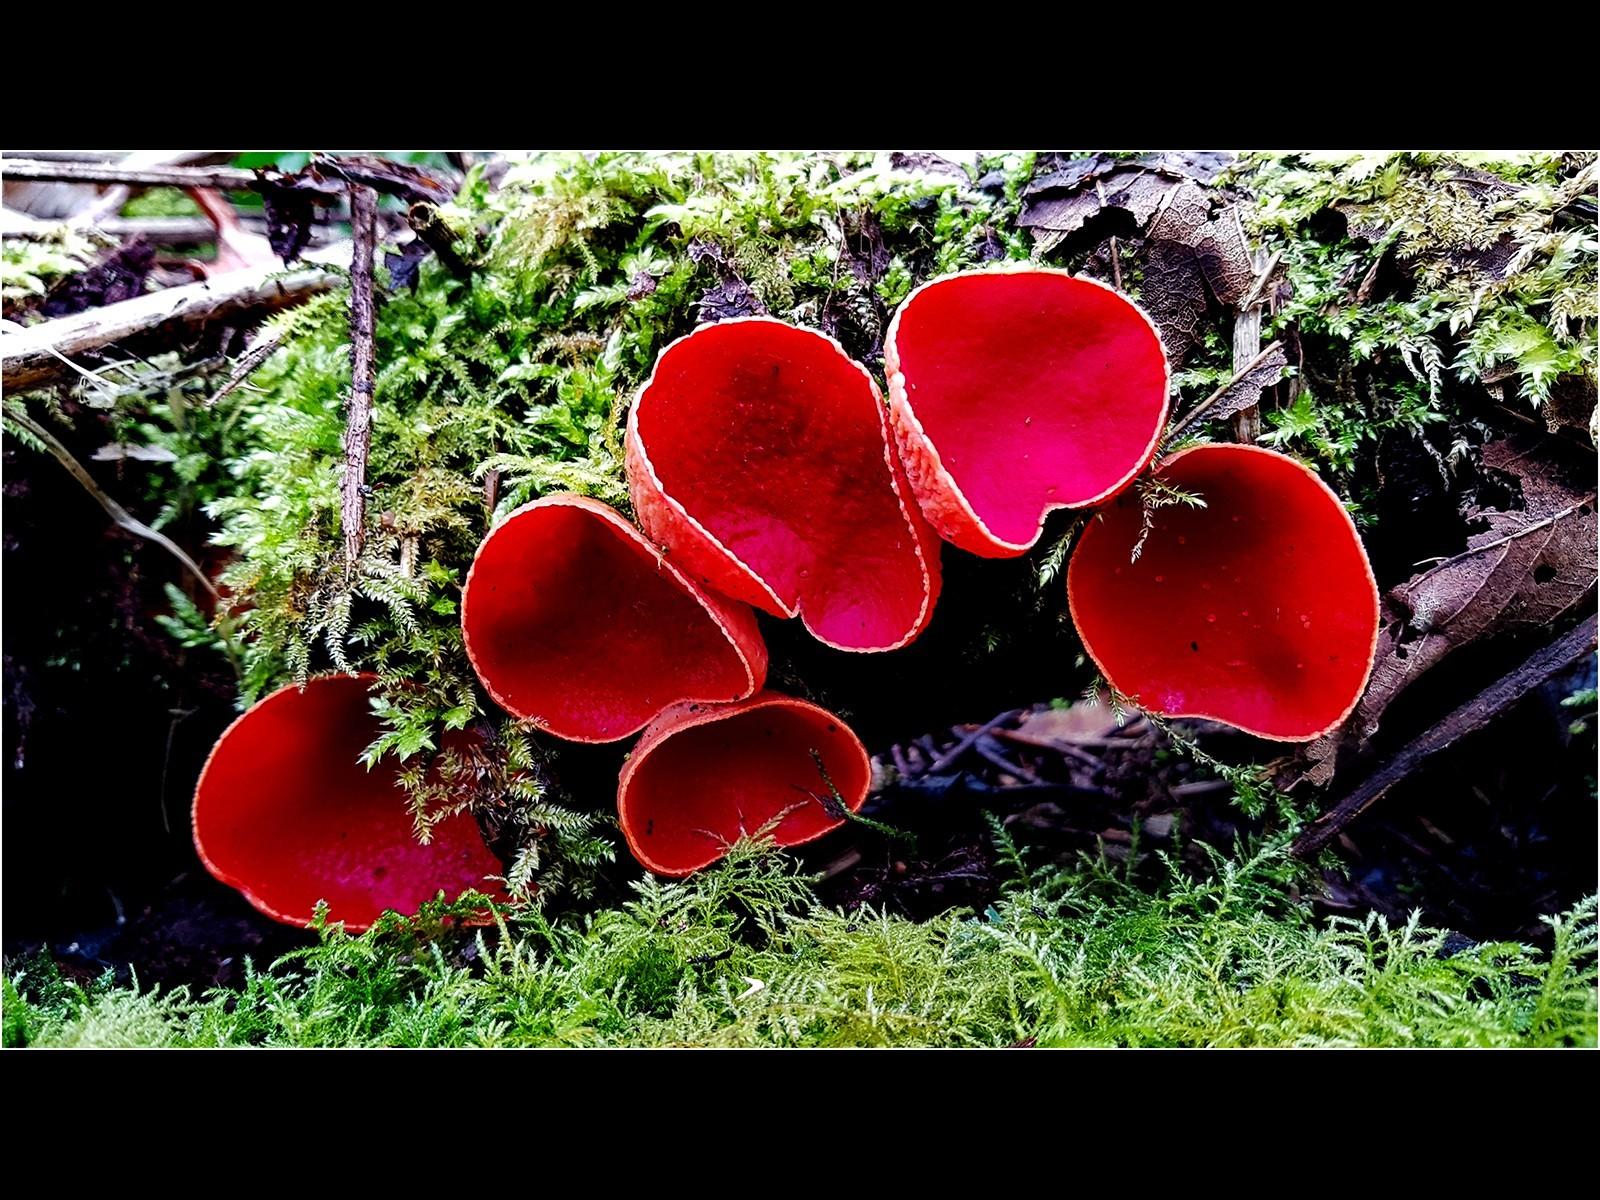 Safron Elf Cup Fungi